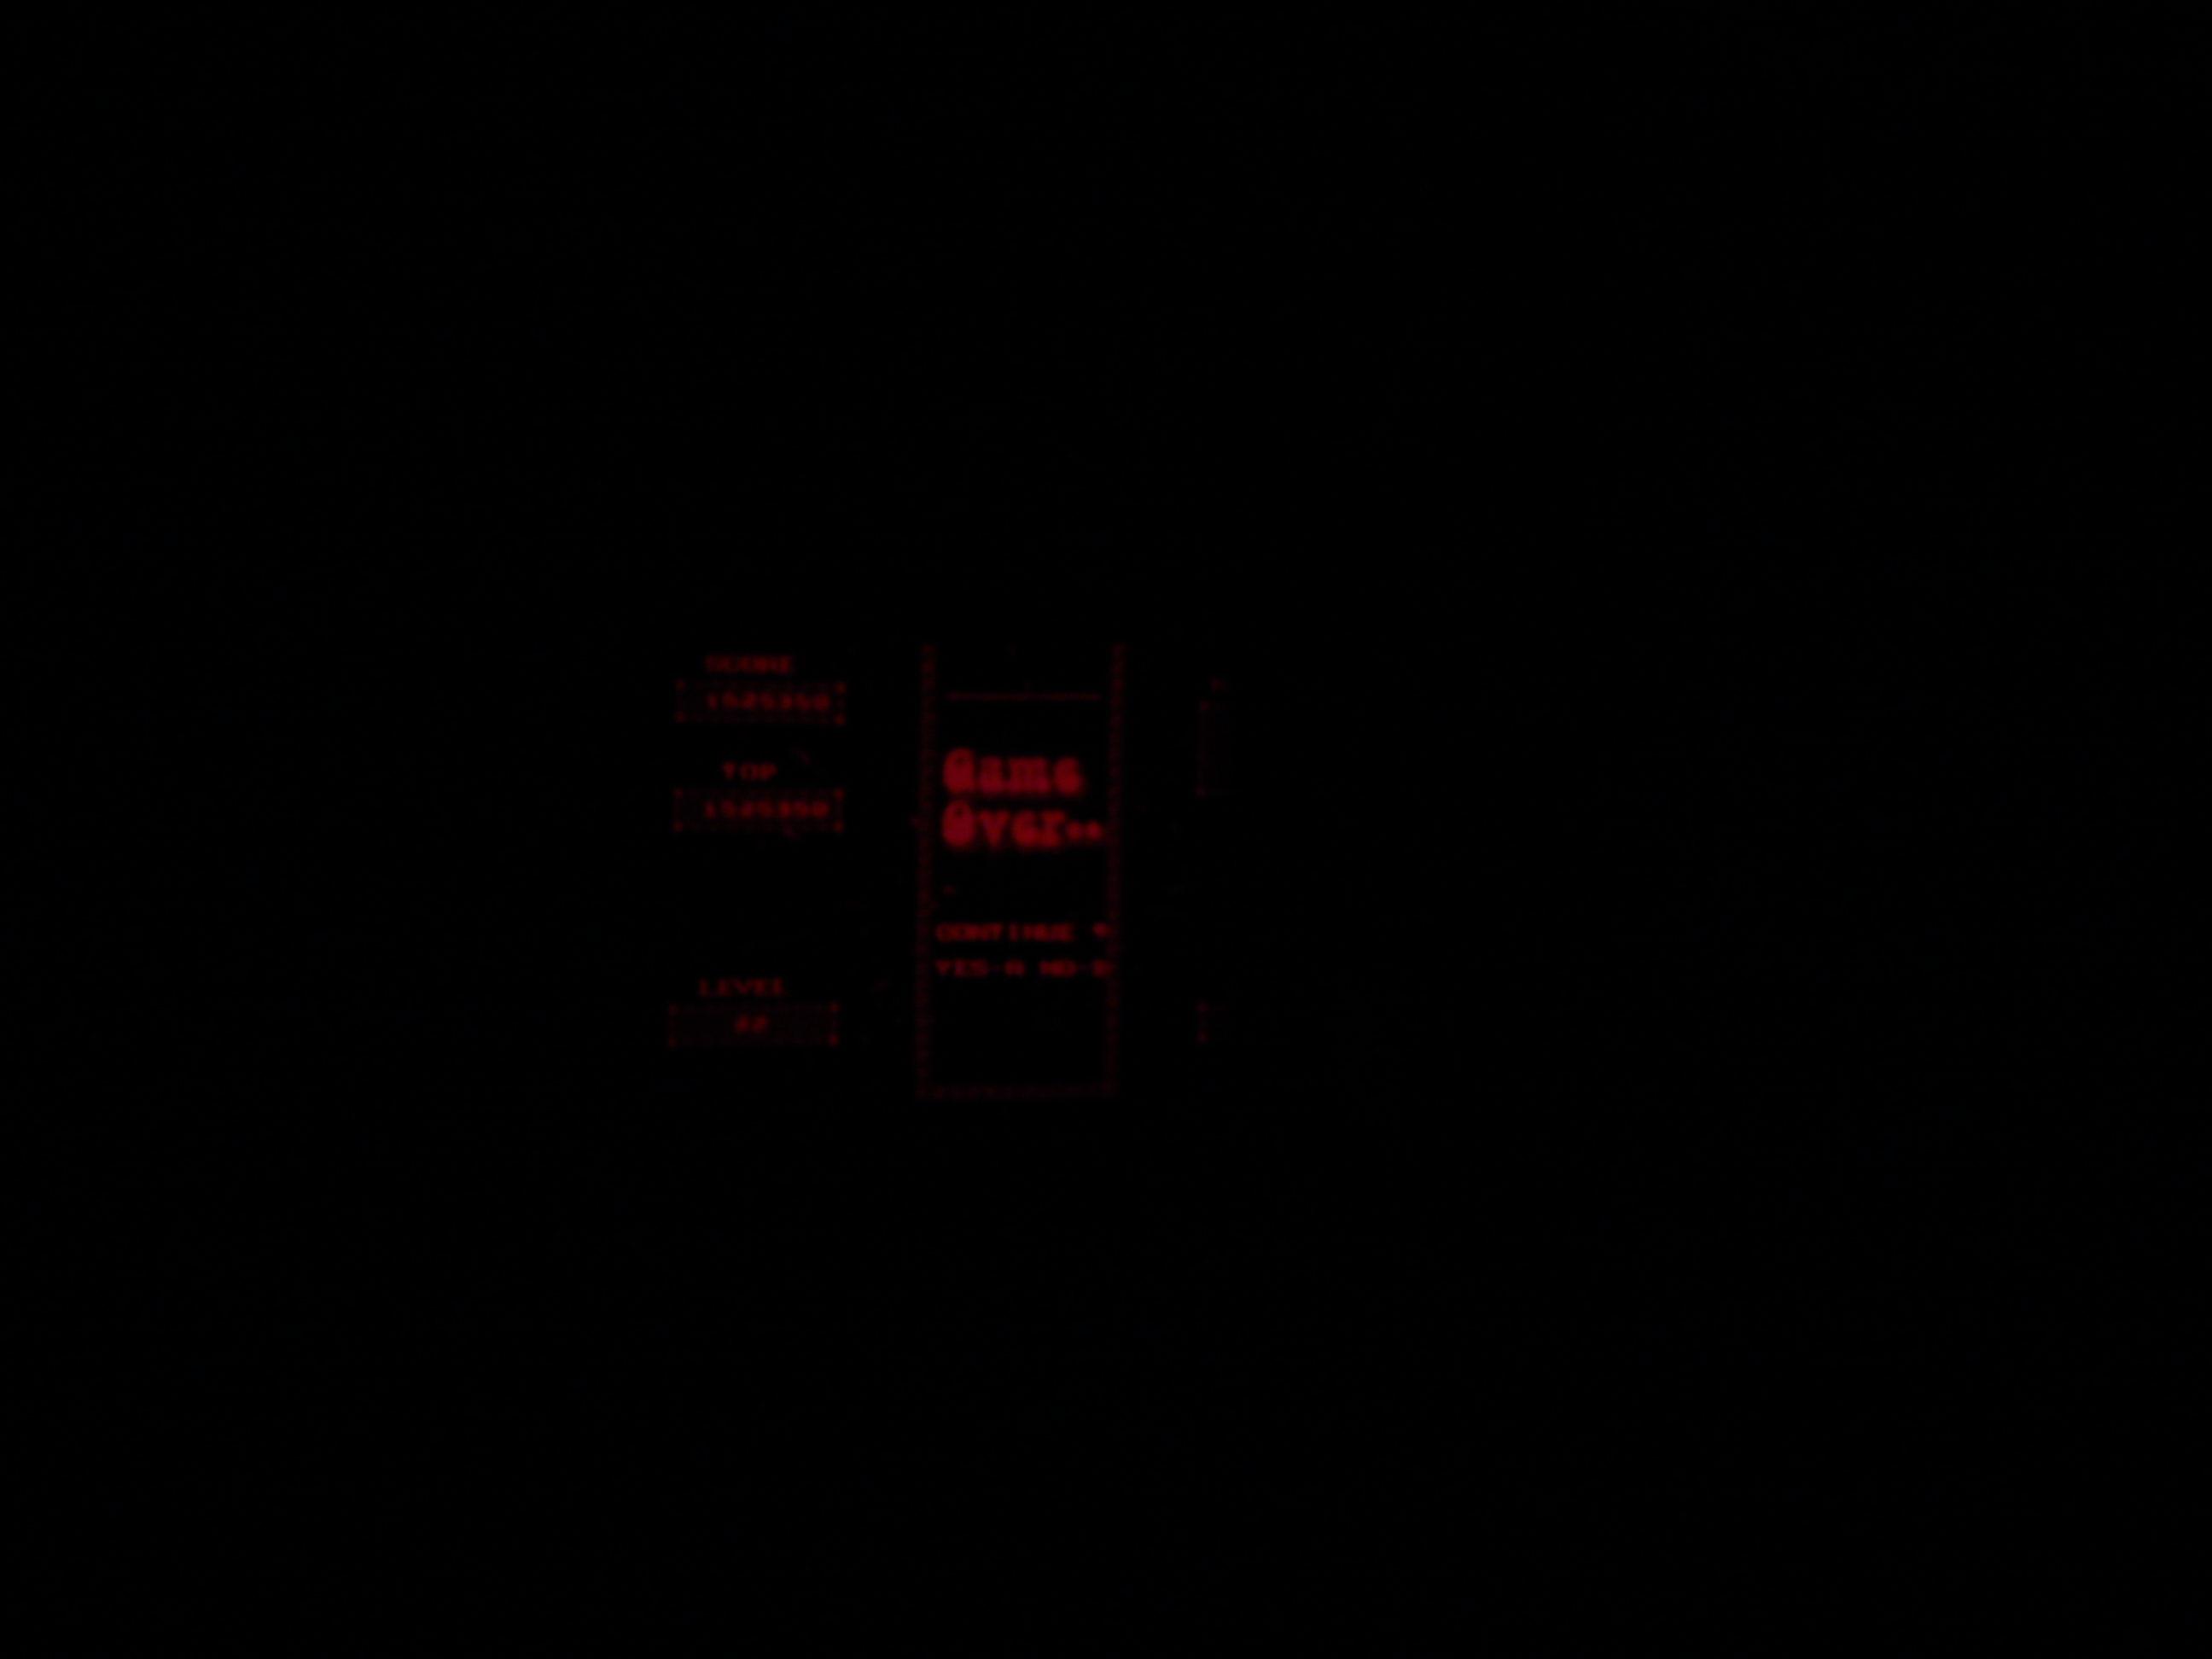 V-Tetris [Mode A] 1,525,350 points